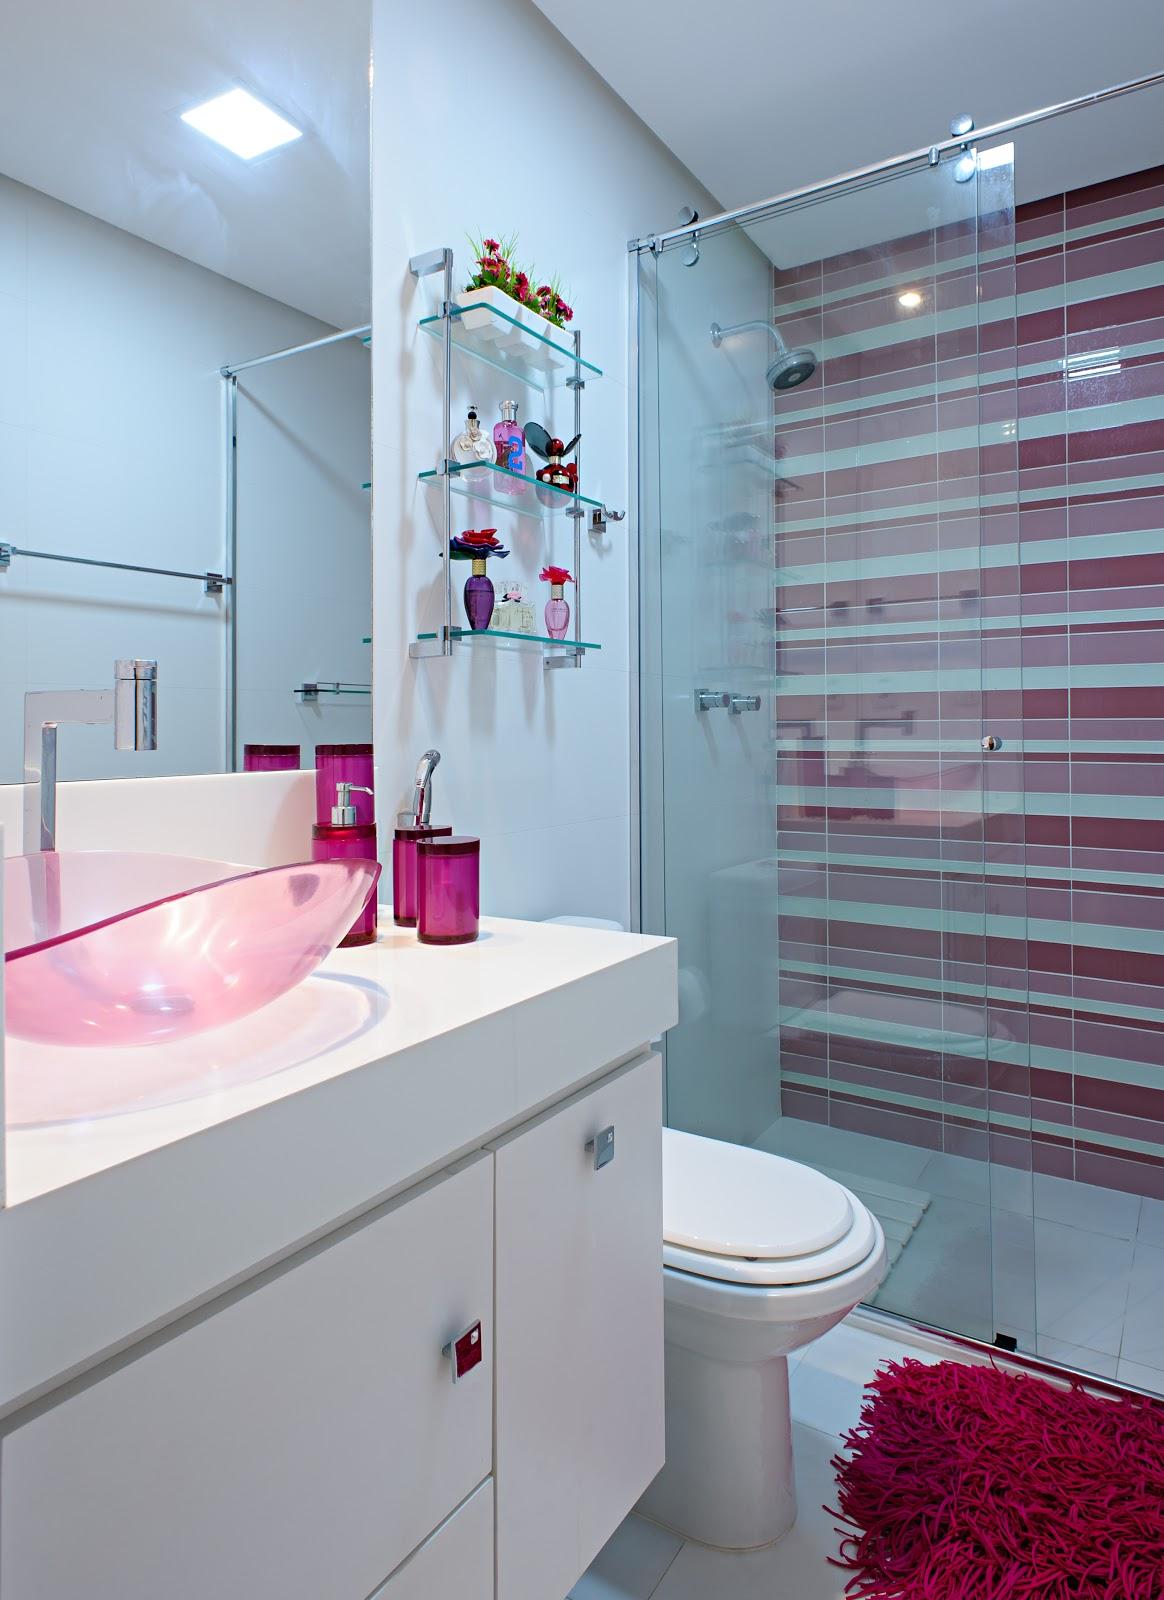 Banheiros pequenos agradáveis e aconchegantes #6A1434 1164 1600